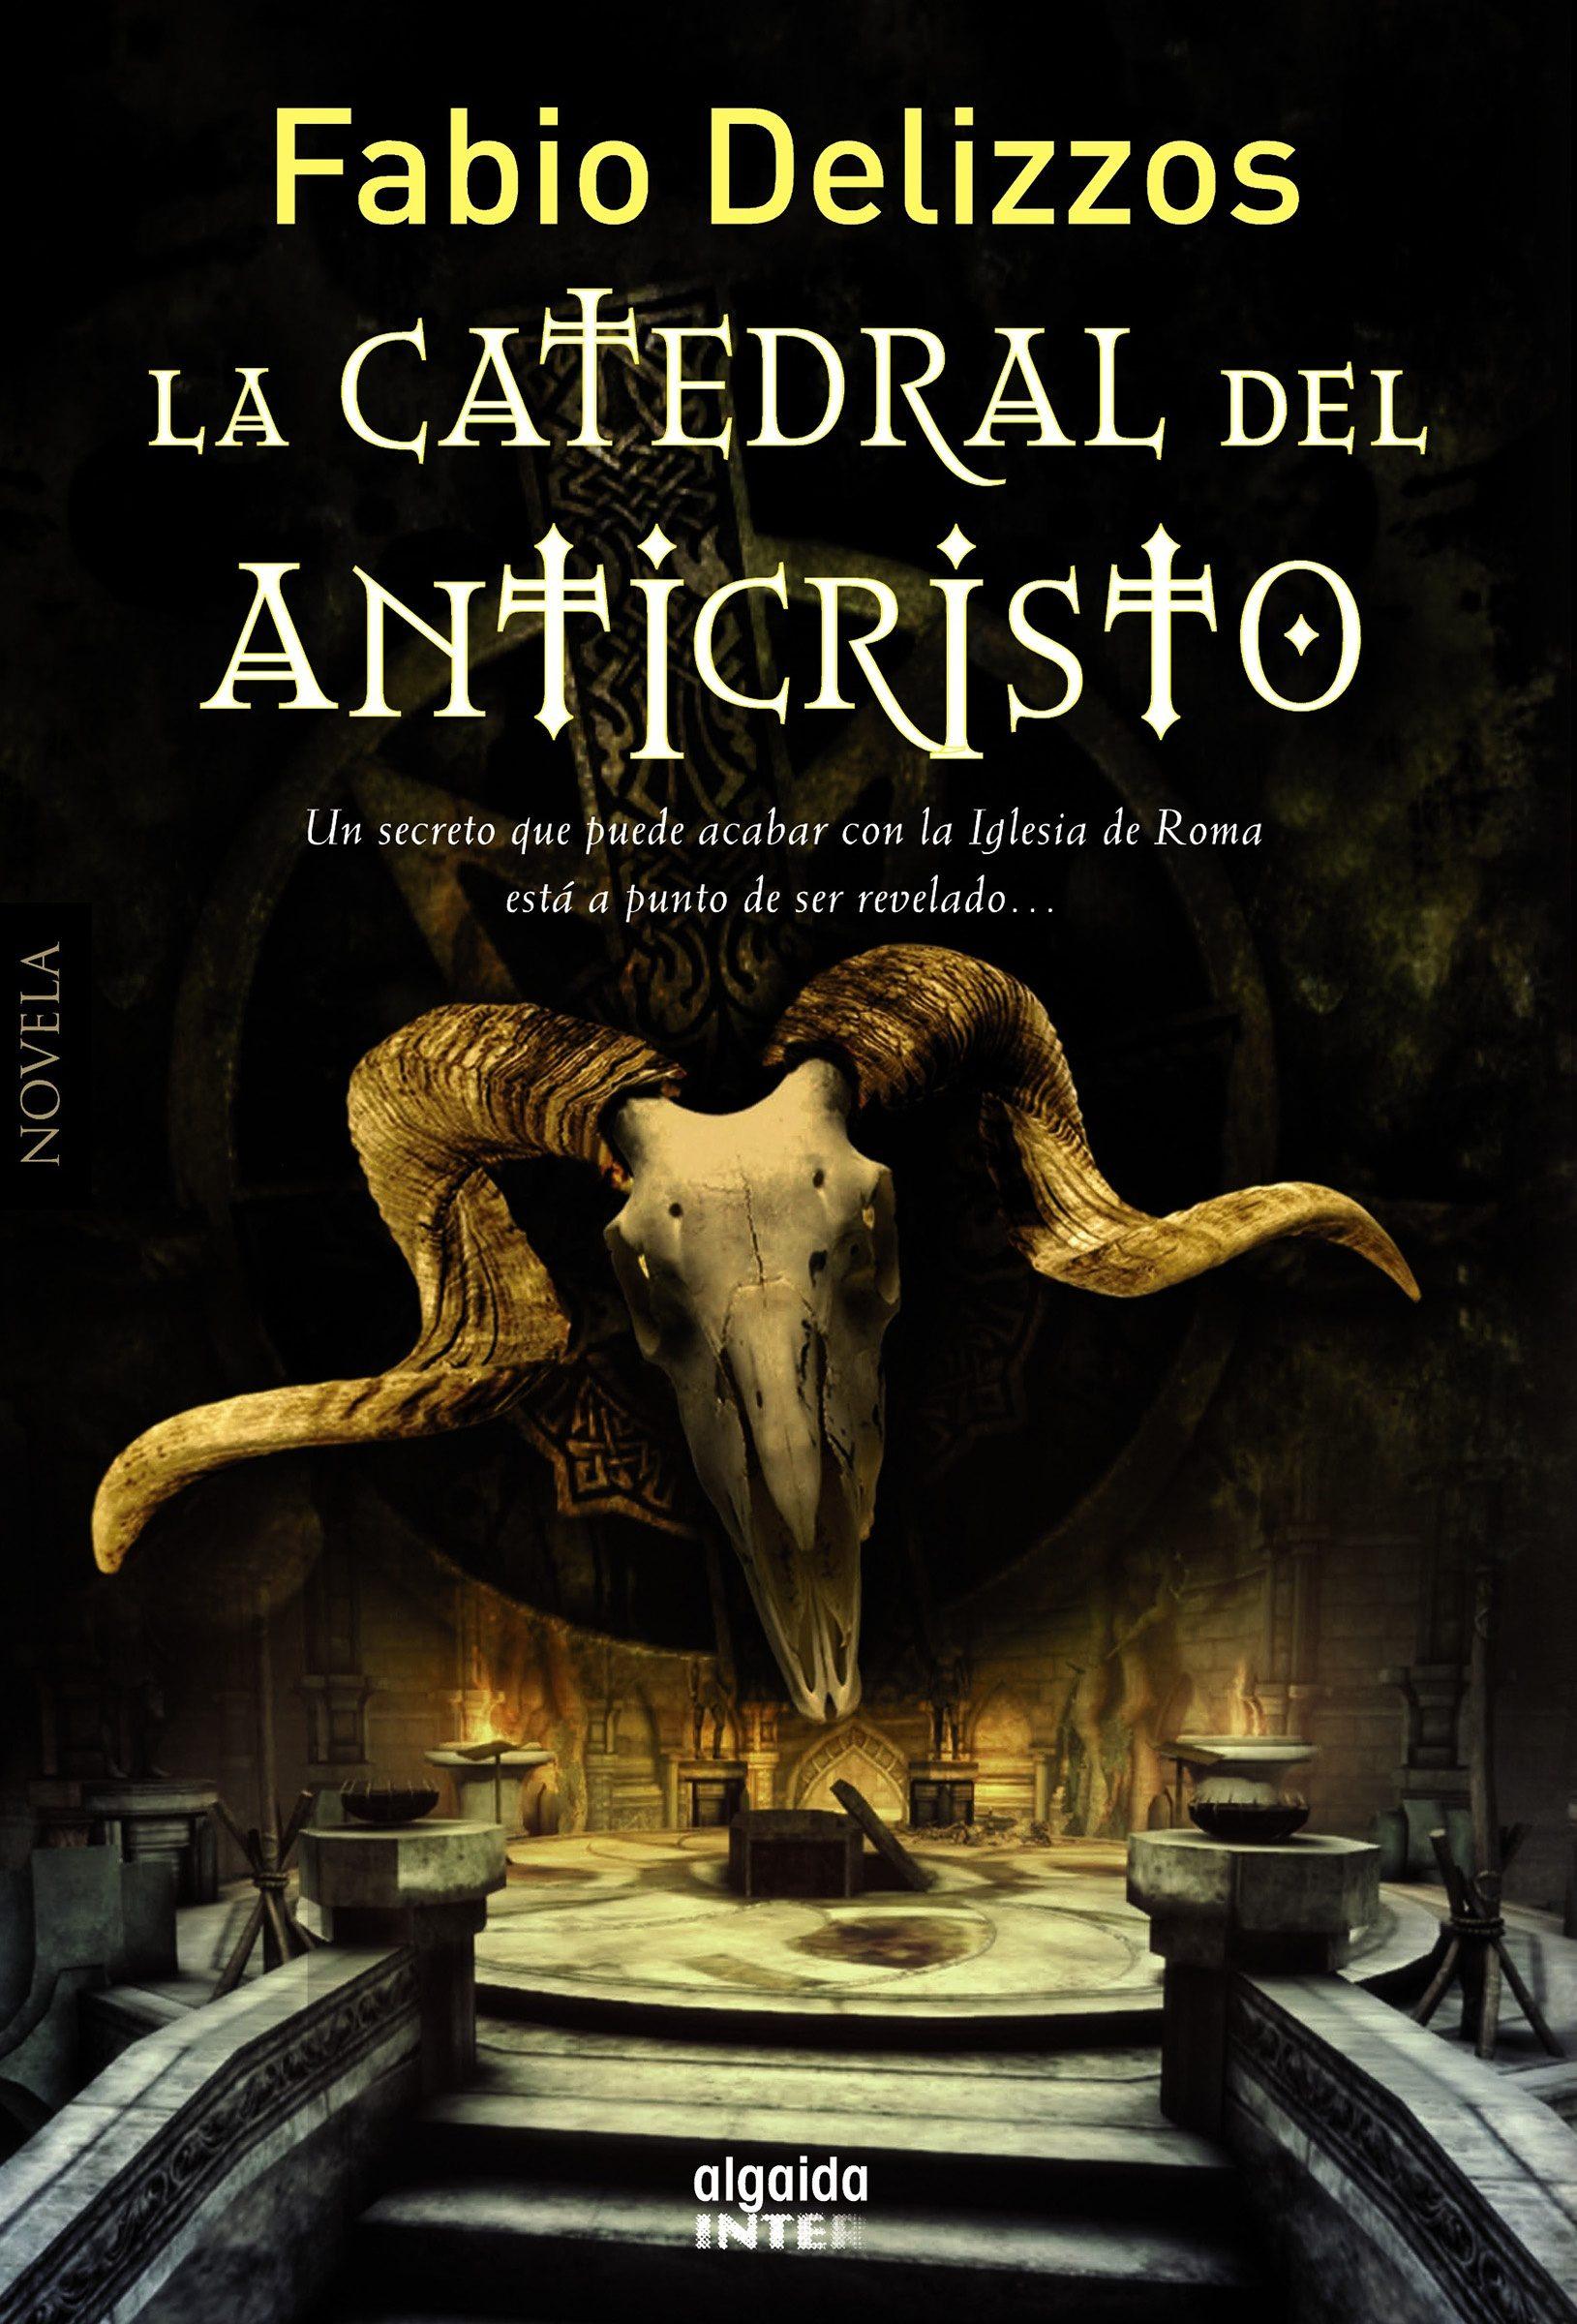 La catedral del anticristo ebook fabio delizzos 9788490671344